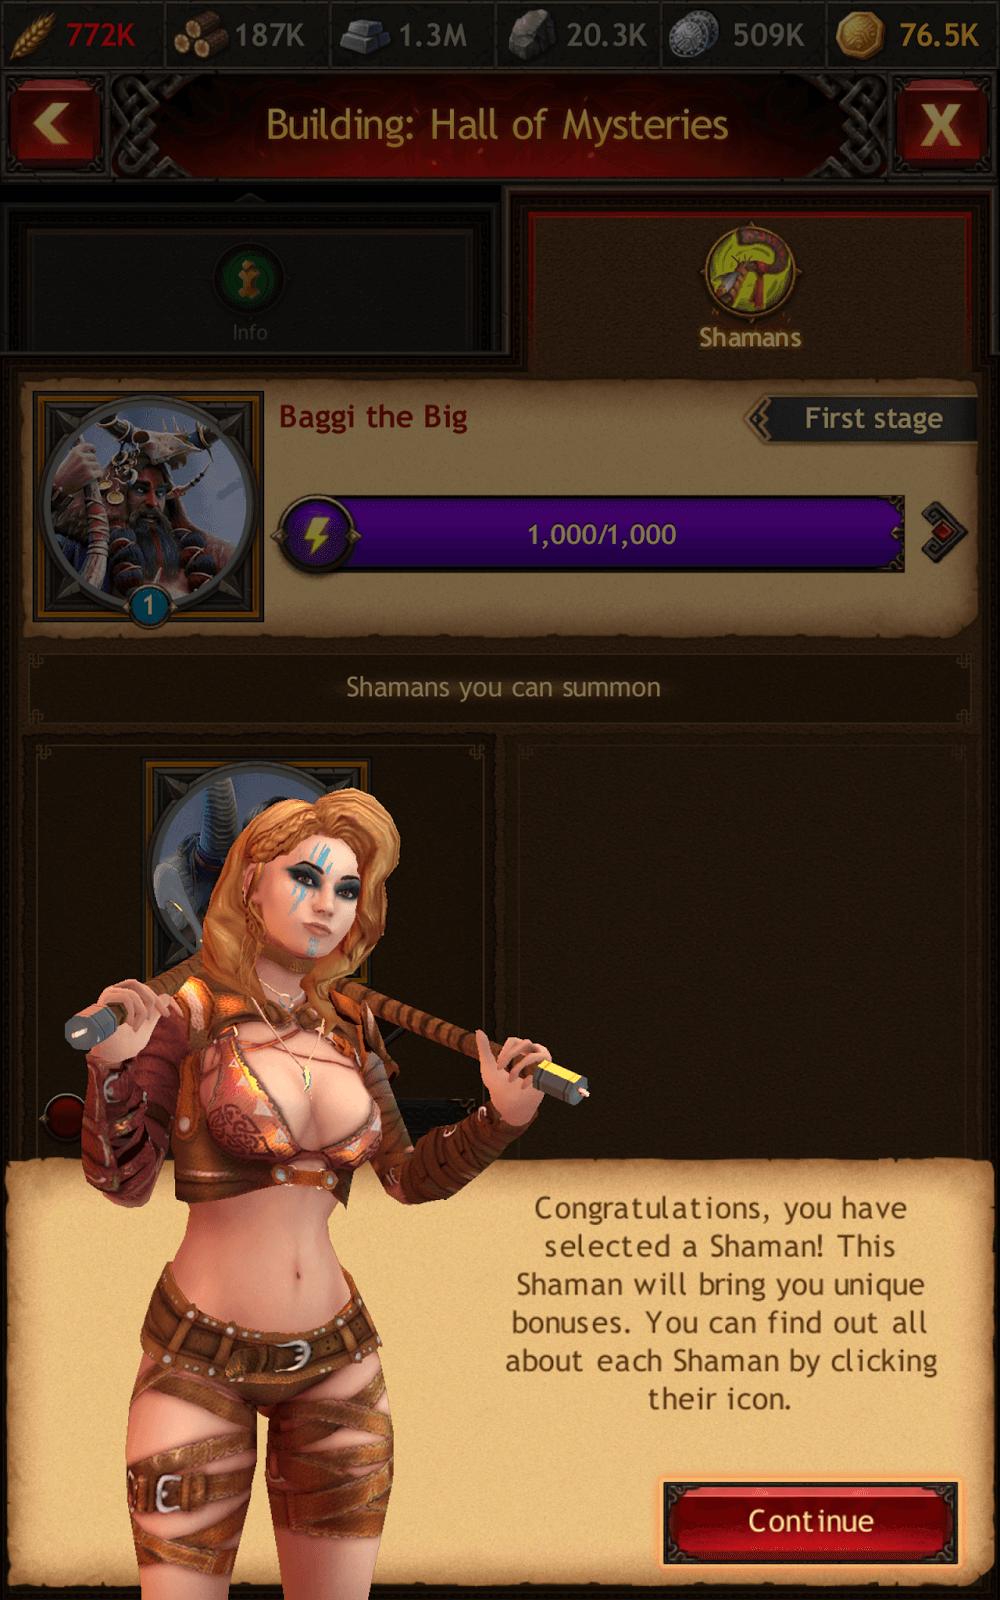 Congrats Baggi